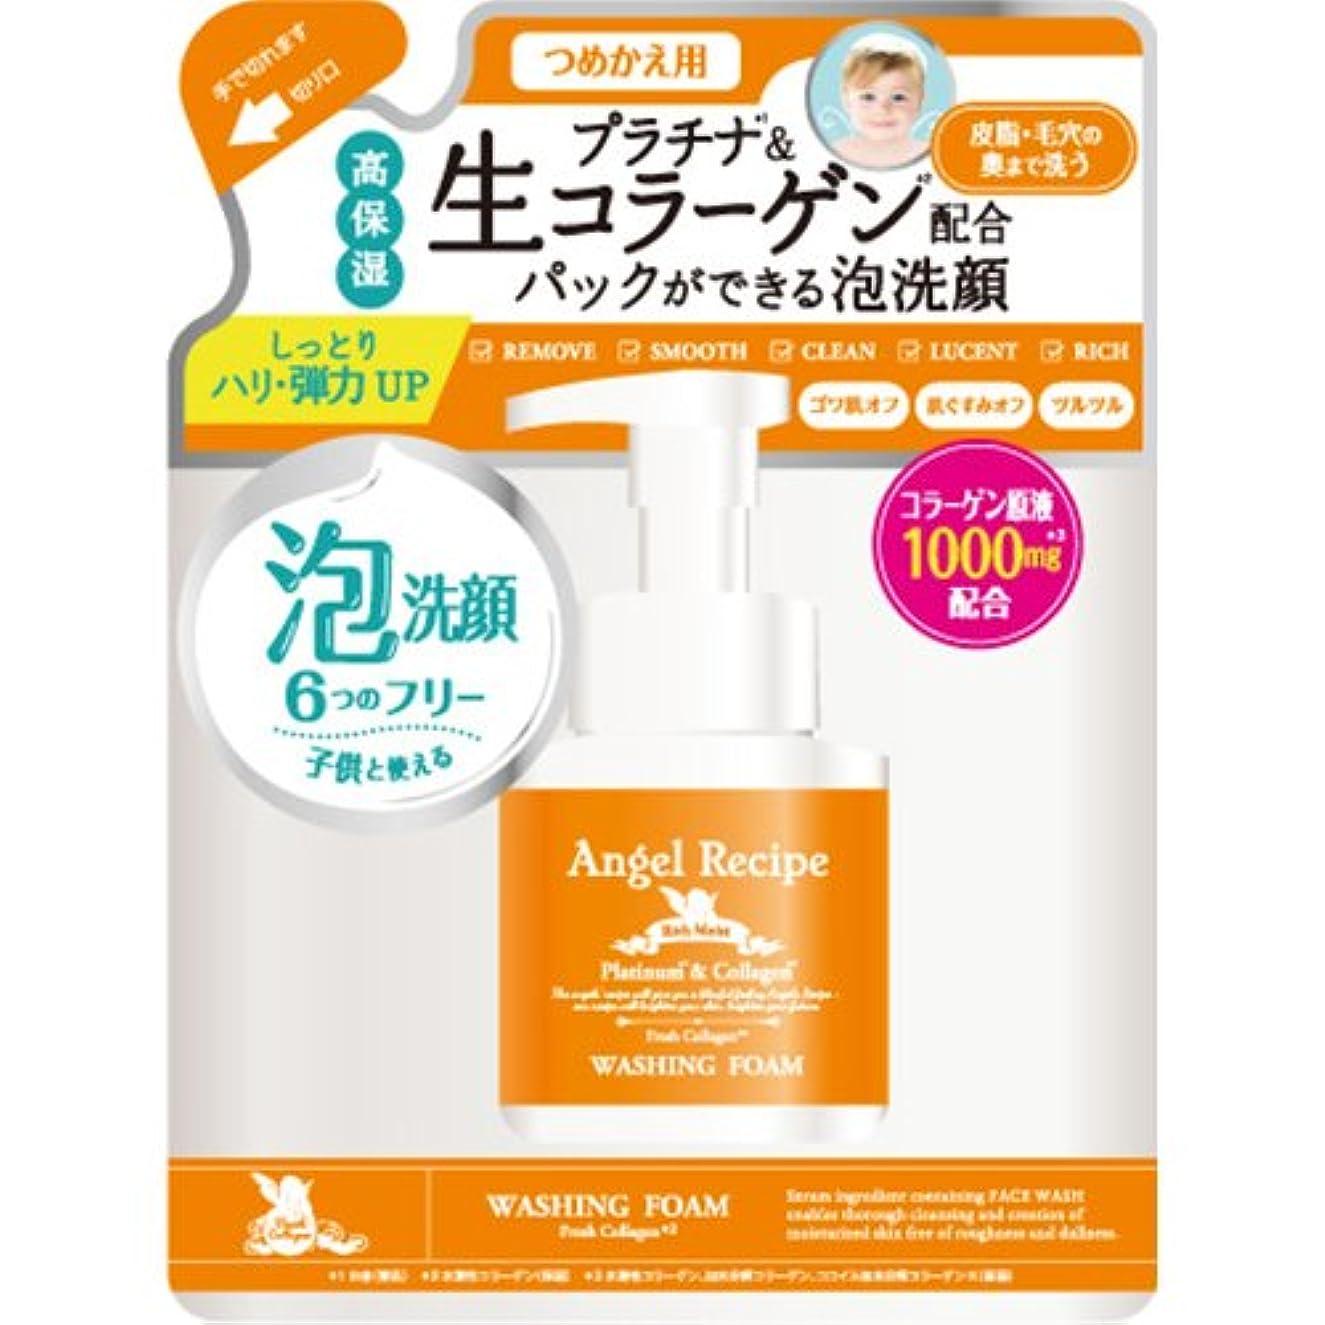 区うつフィードAngelRecipe エンジェルレシピ リッチモイスト 泡洗顔 詰替え 130ml